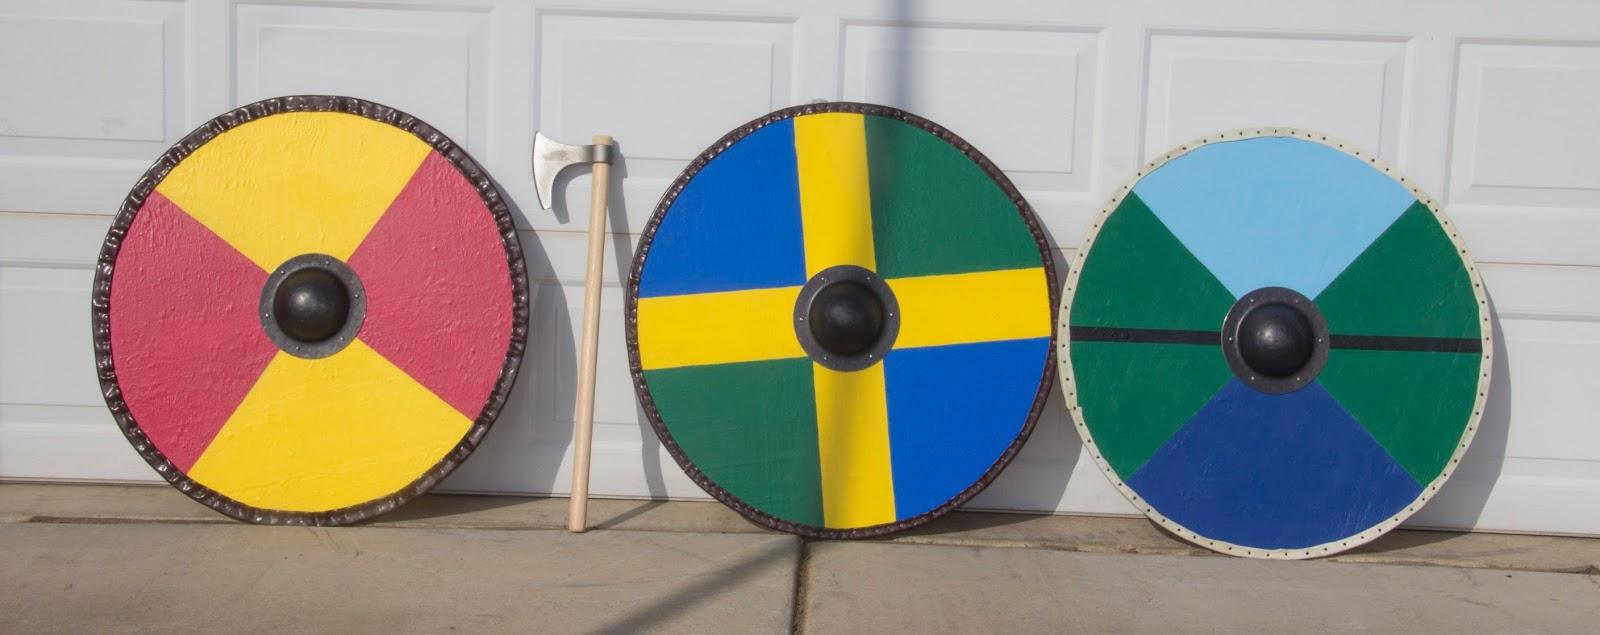 Kerk S Ramblings Making Viking Shields